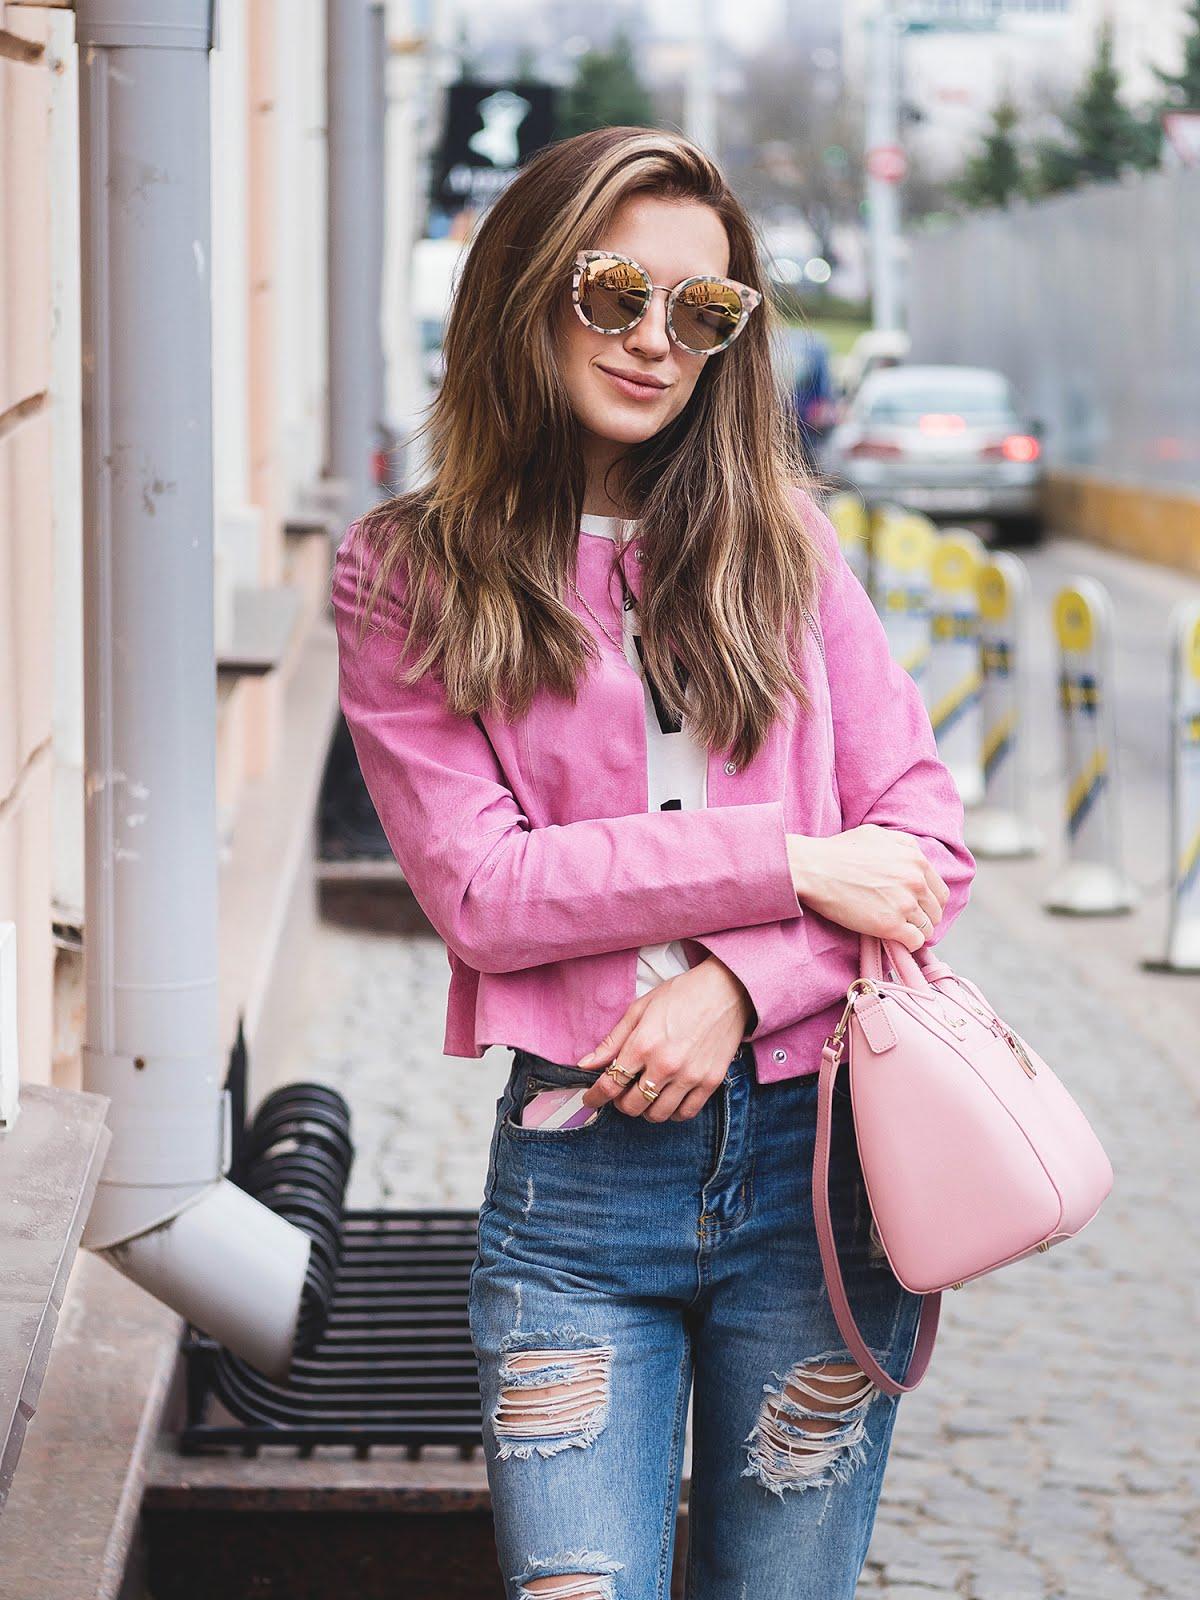 солнцезащитные очки корейского бренда Carin juliesecret купить Минск Москва Беларусь цена